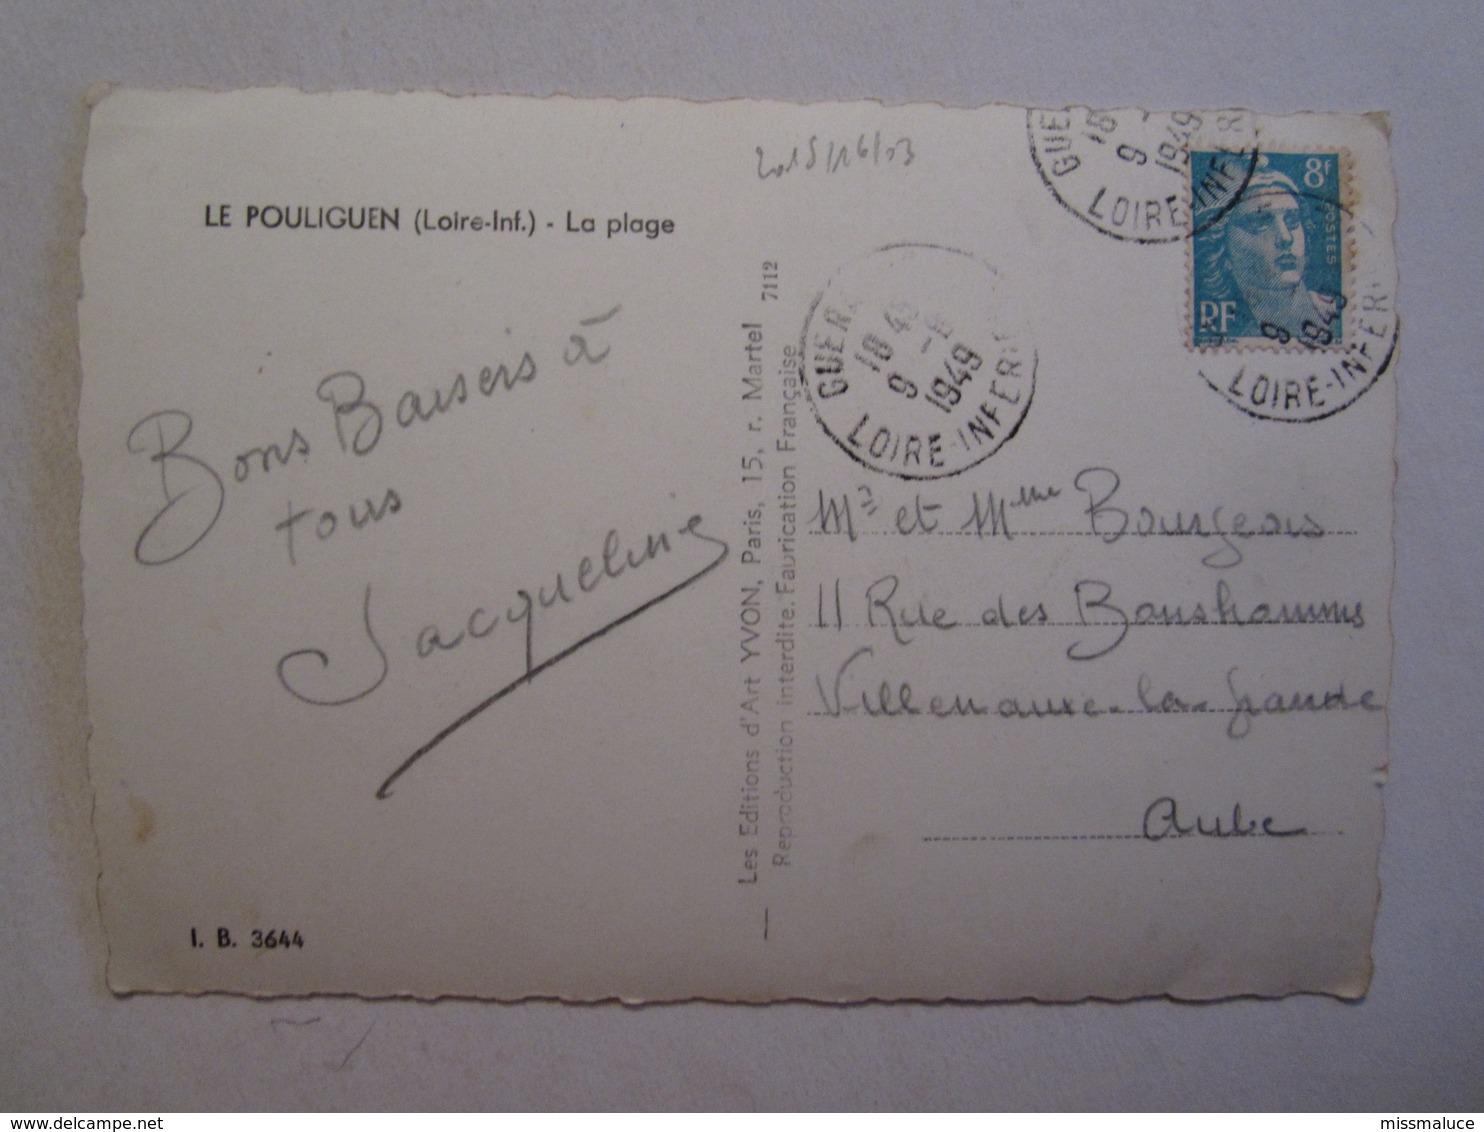 44 Loire Atlantique Le Pouliguen La Plage - Le Pouliguen